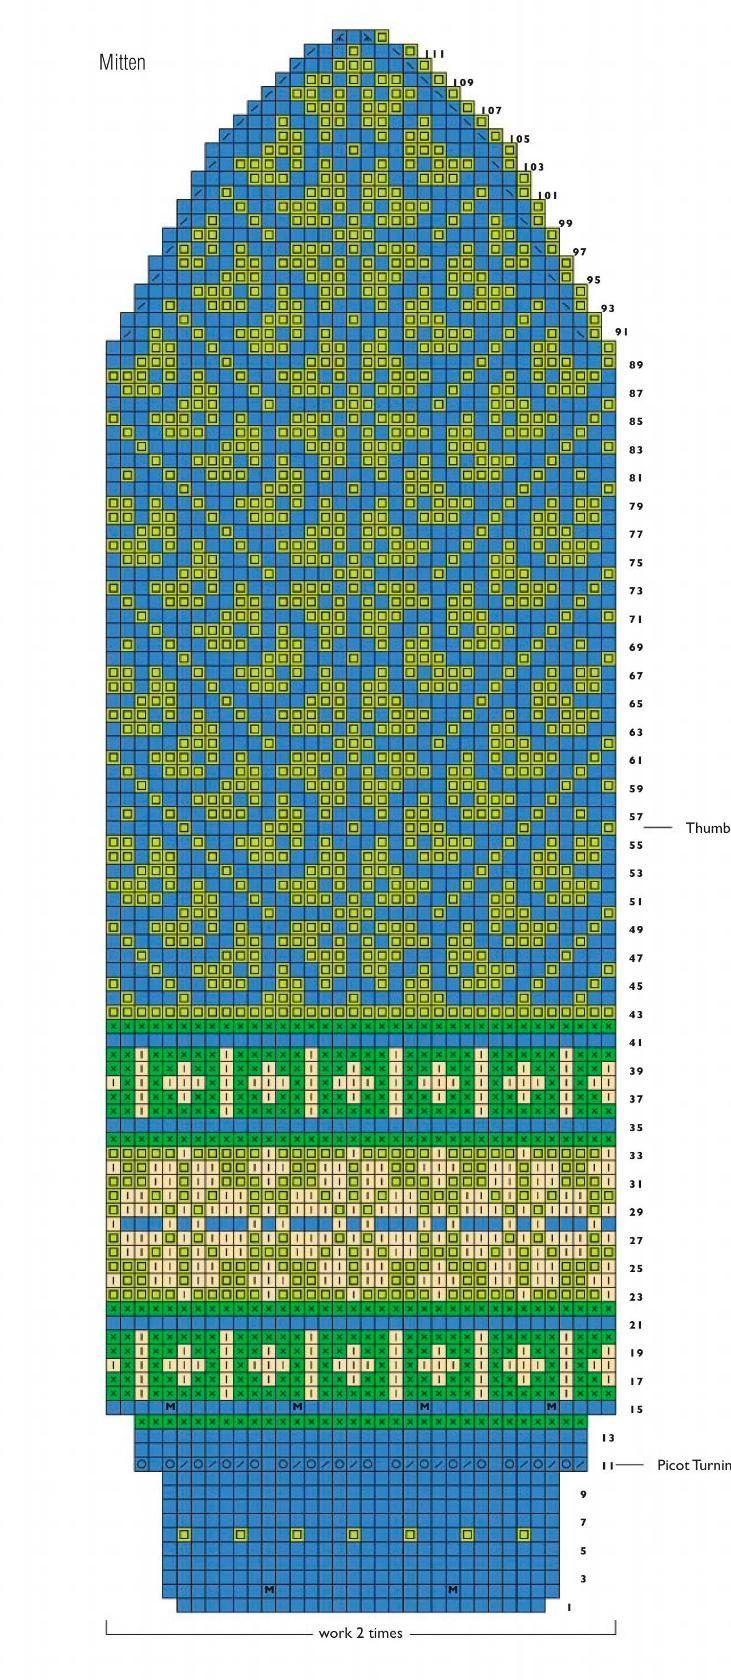 093a6bbf6c3823114b0b0b37c8691674.jpg 731×1 680 pikseliä